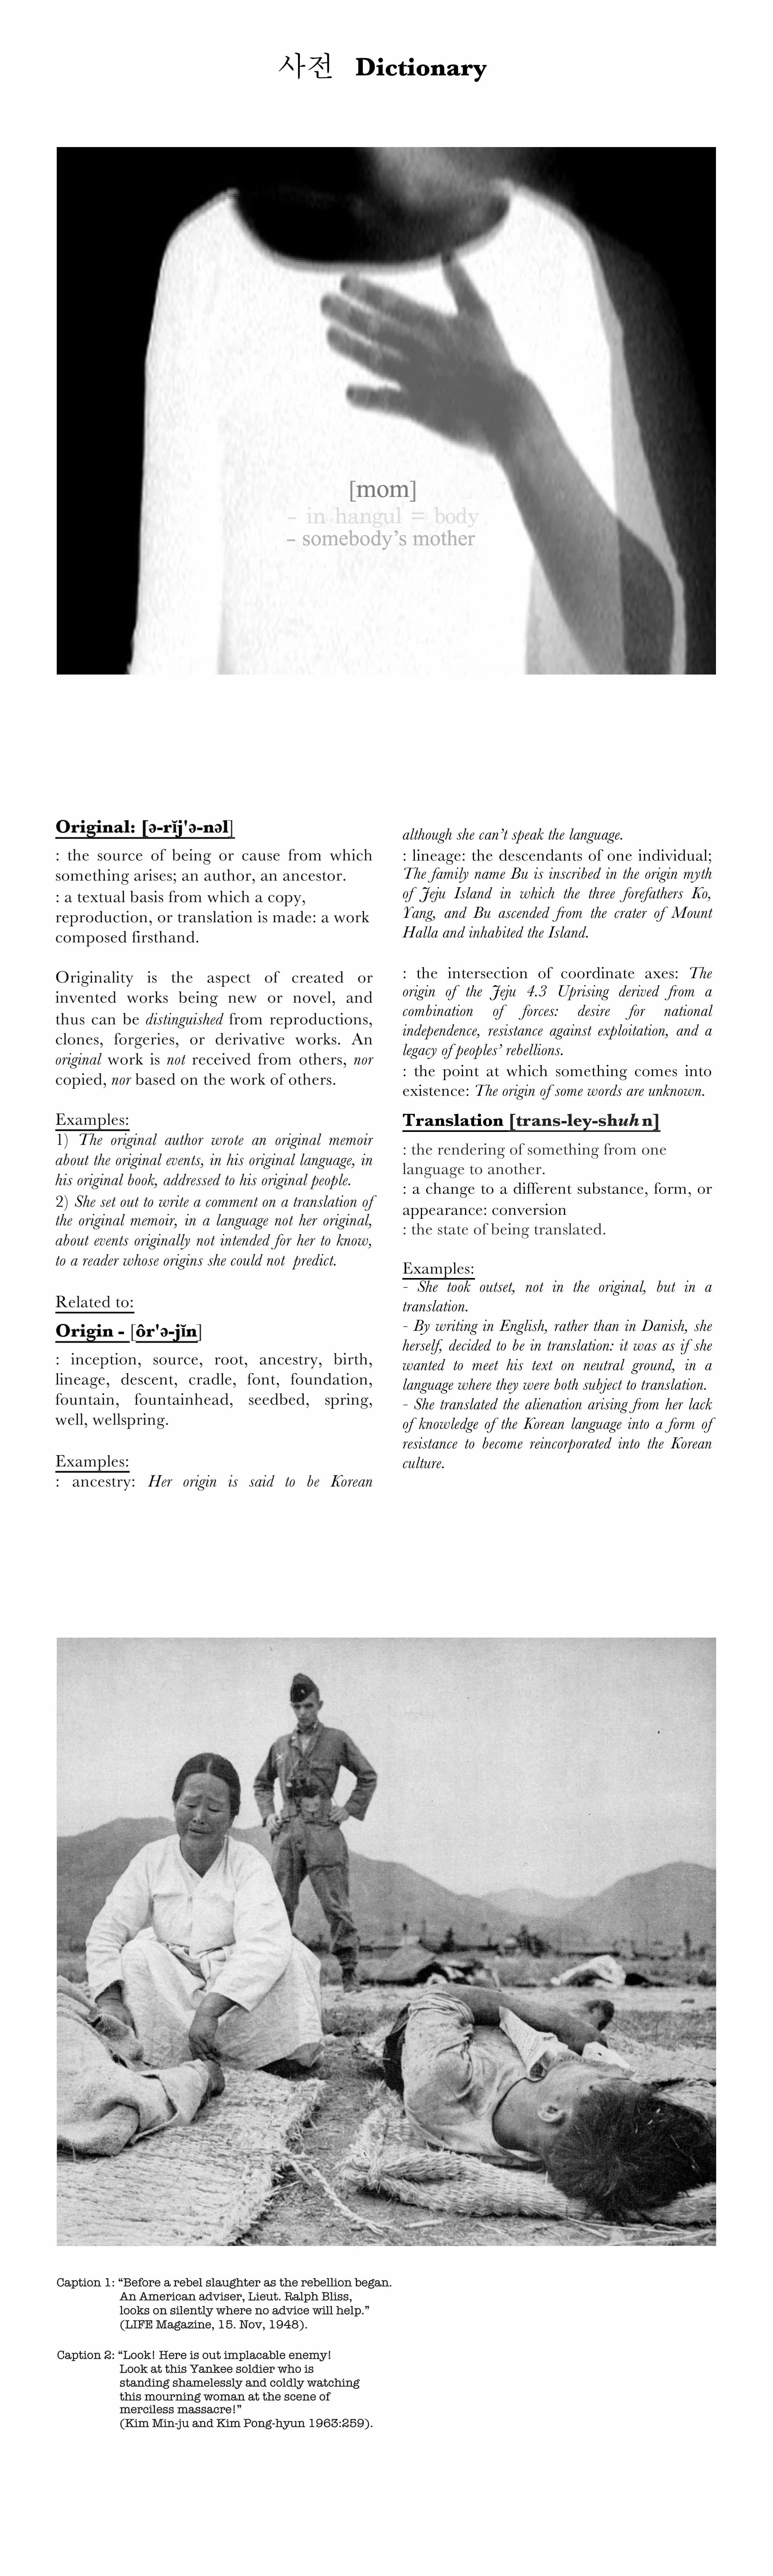 Appendix-Dictionary.jpg